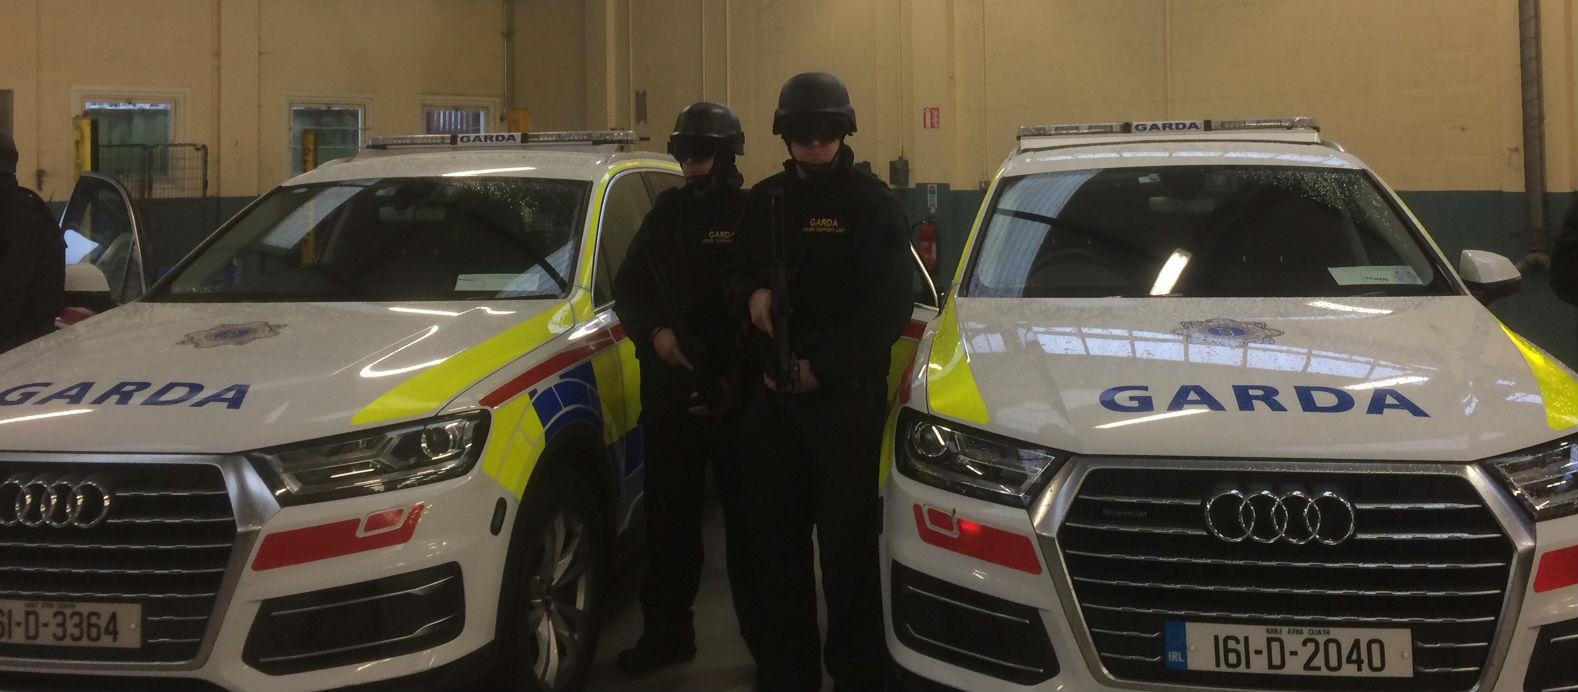 Two Due In Court Over Ballyfermot Gun Find